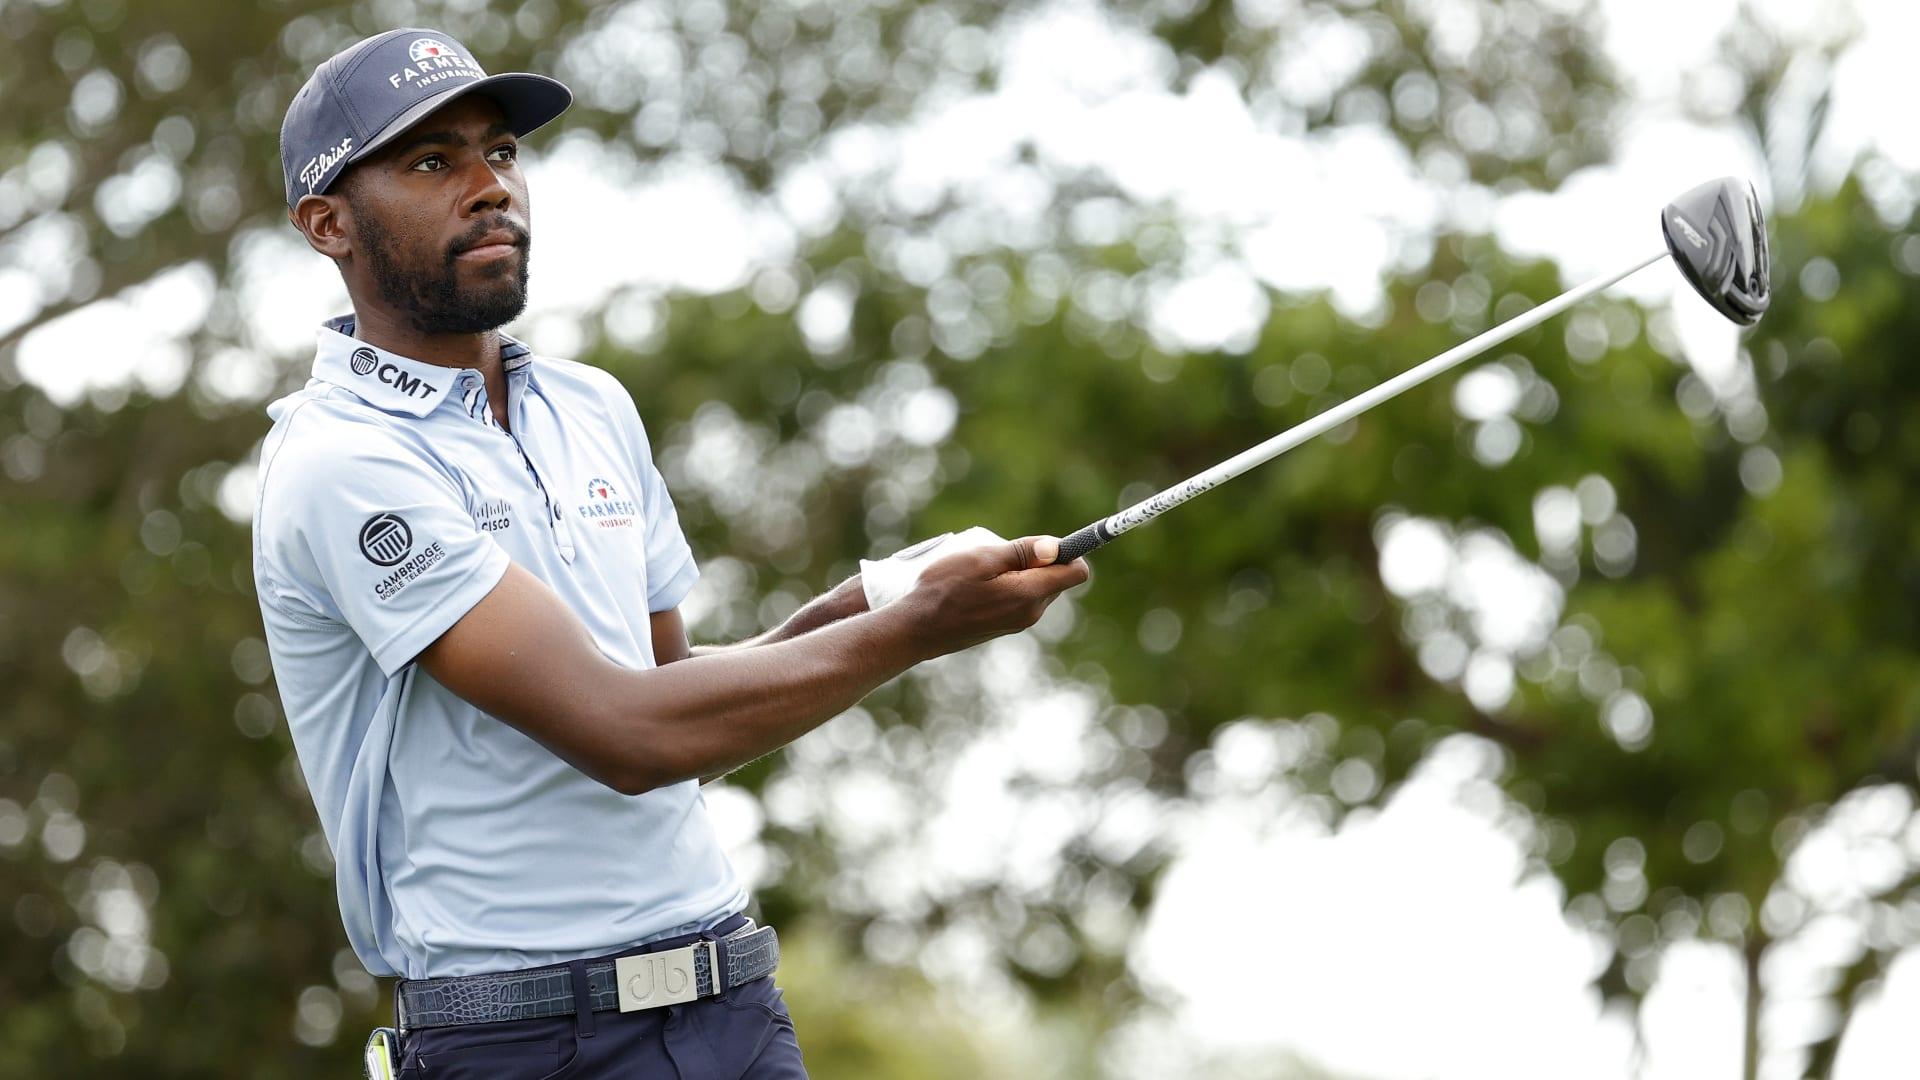 كان يلعب الغولف مقابل دولار واحد.. تعرف إلى قصة هذا اللاعب